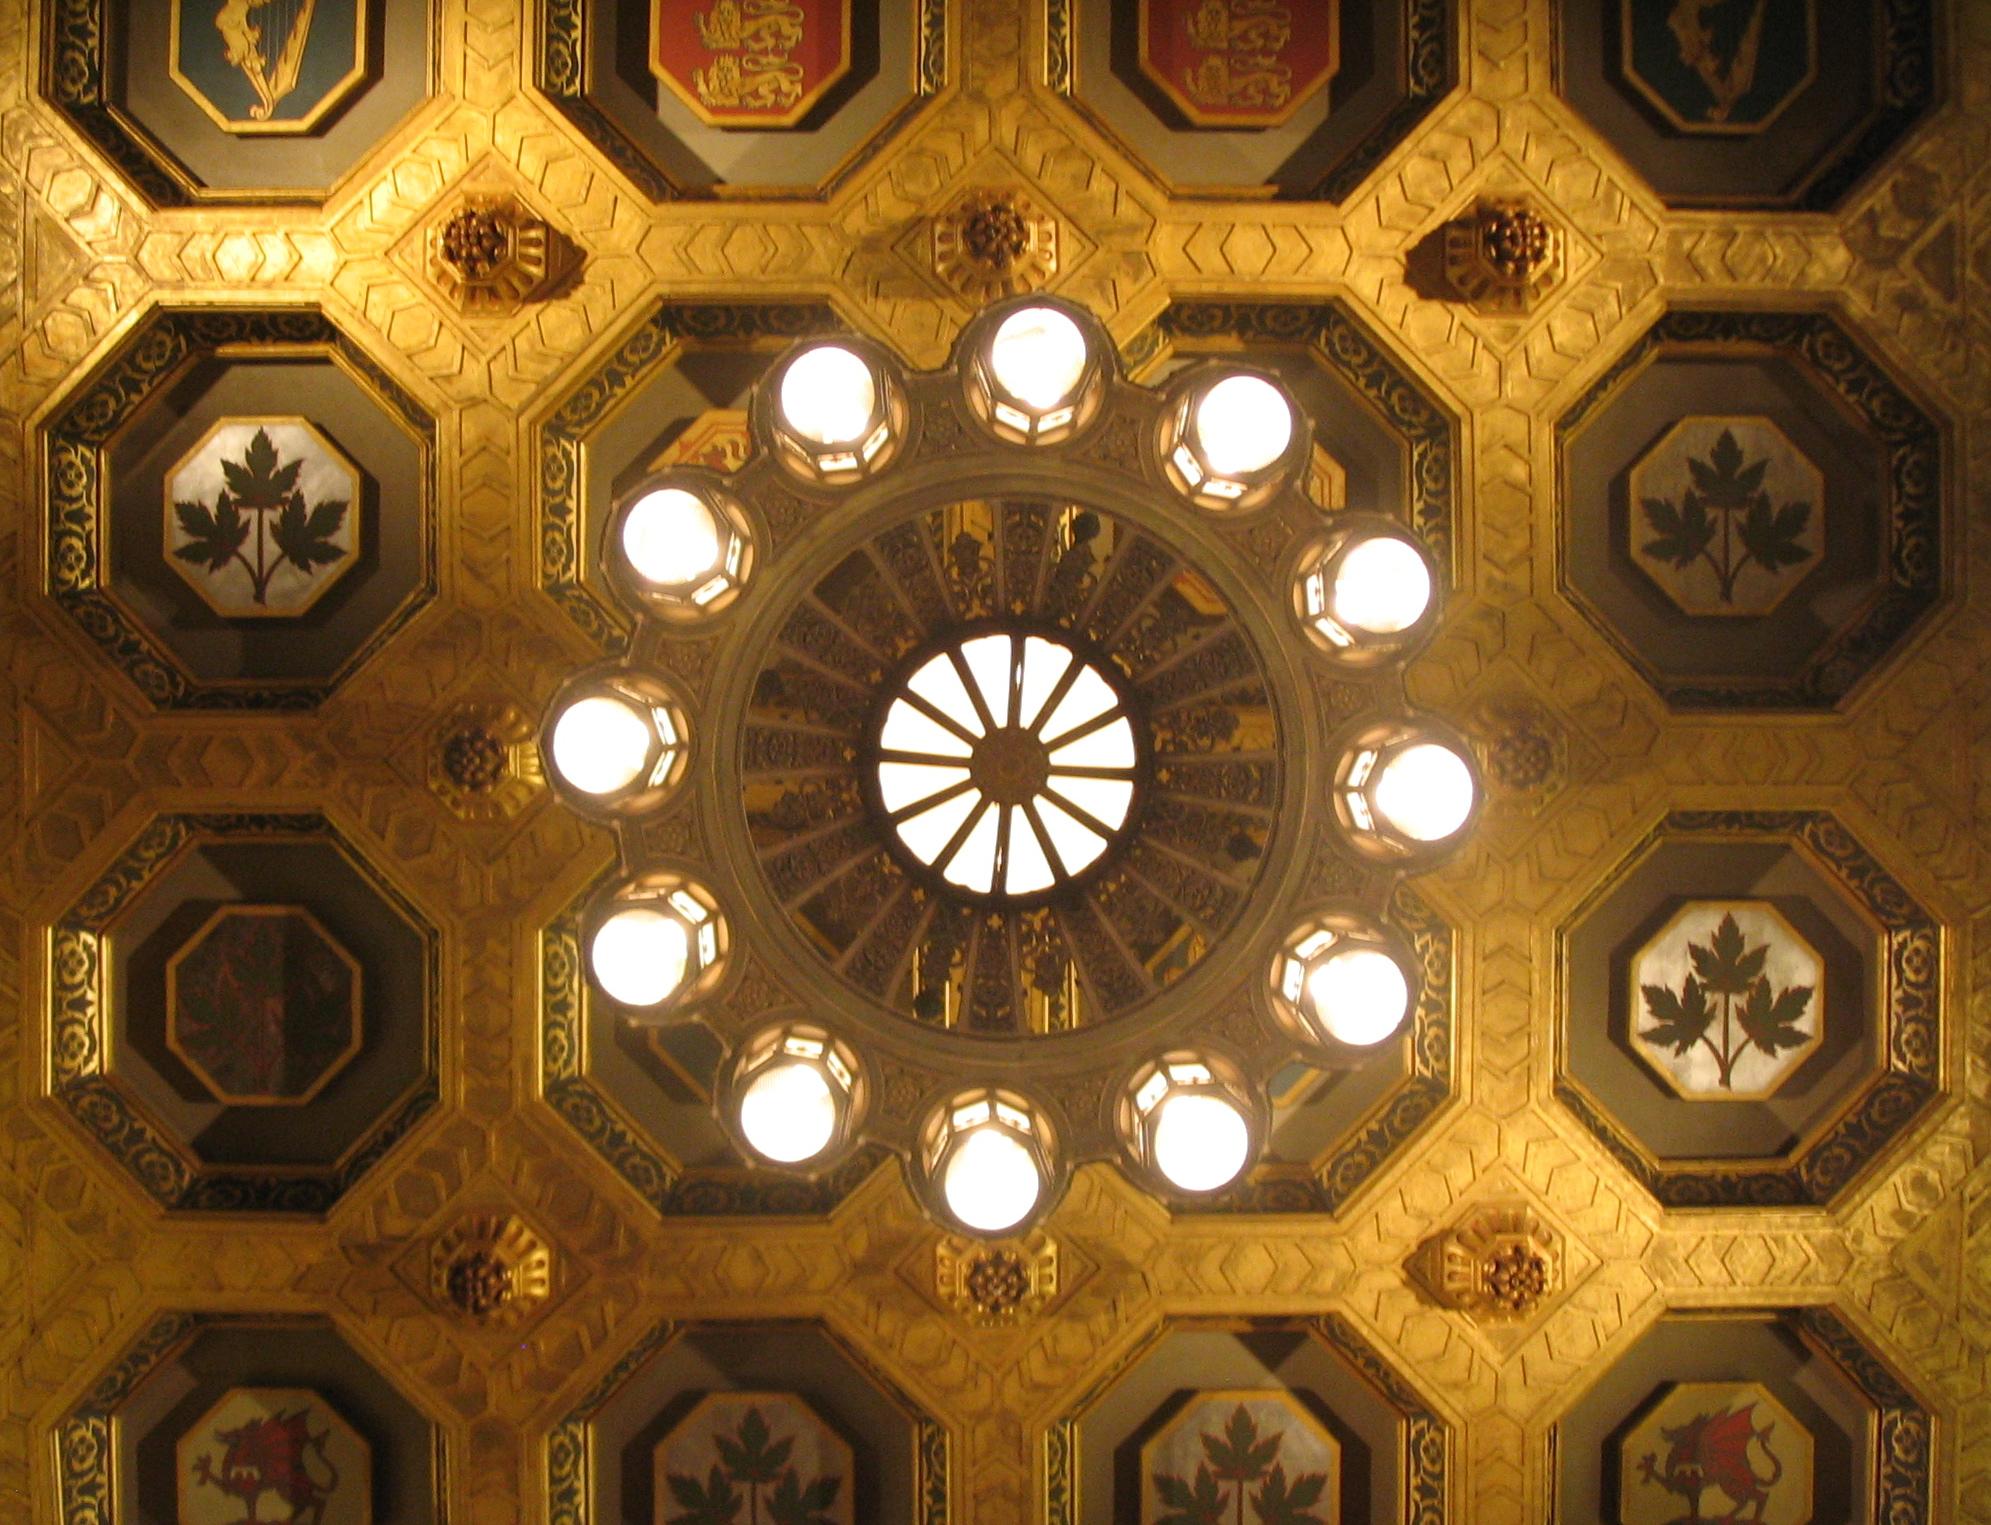 File:Senate ceiling.jpg